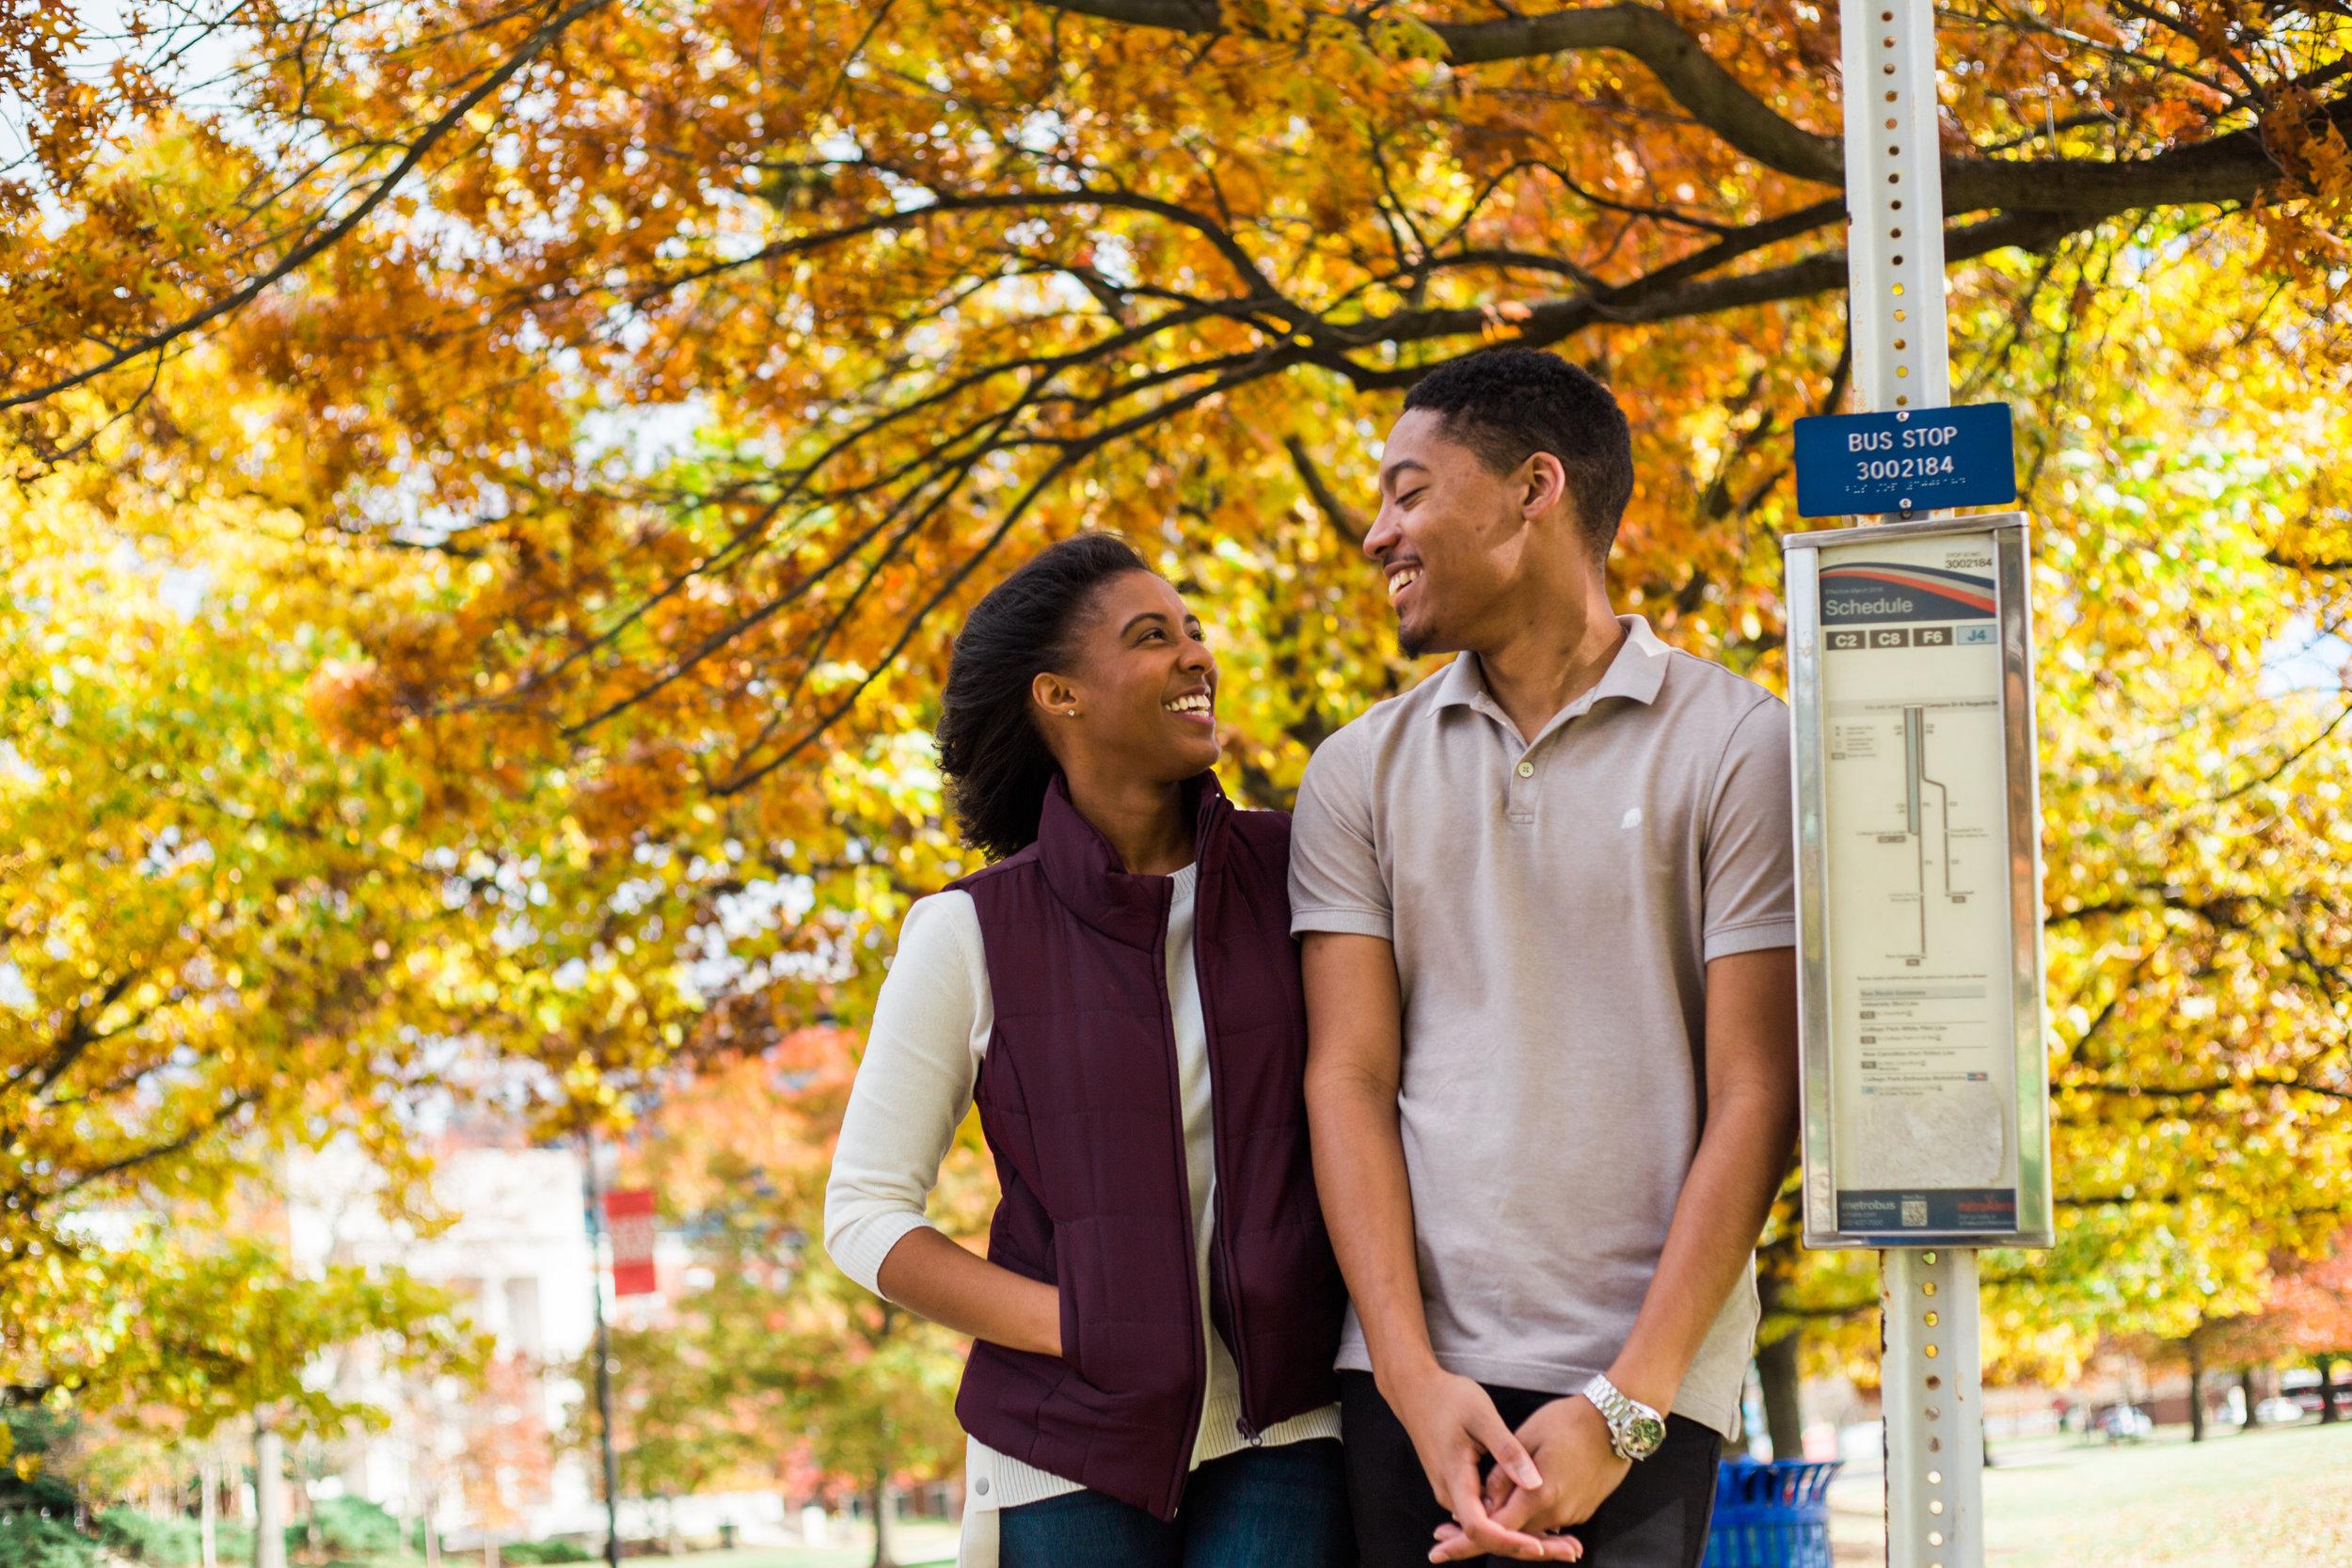 University of Maryland Engagement Session Photography-14.jpg